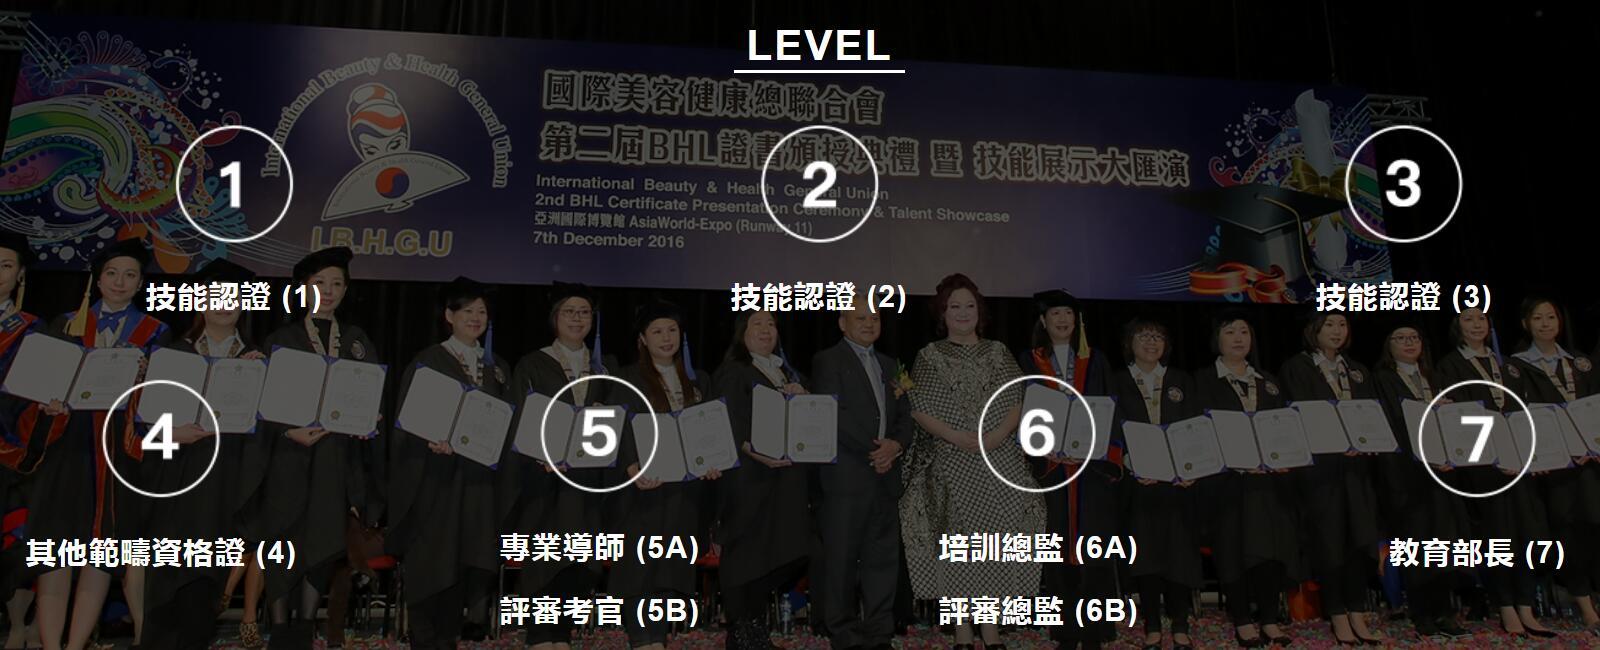 ibhgu bhl ibh ihooc level1 level2 level3 level4 level5 level6 level7 cert